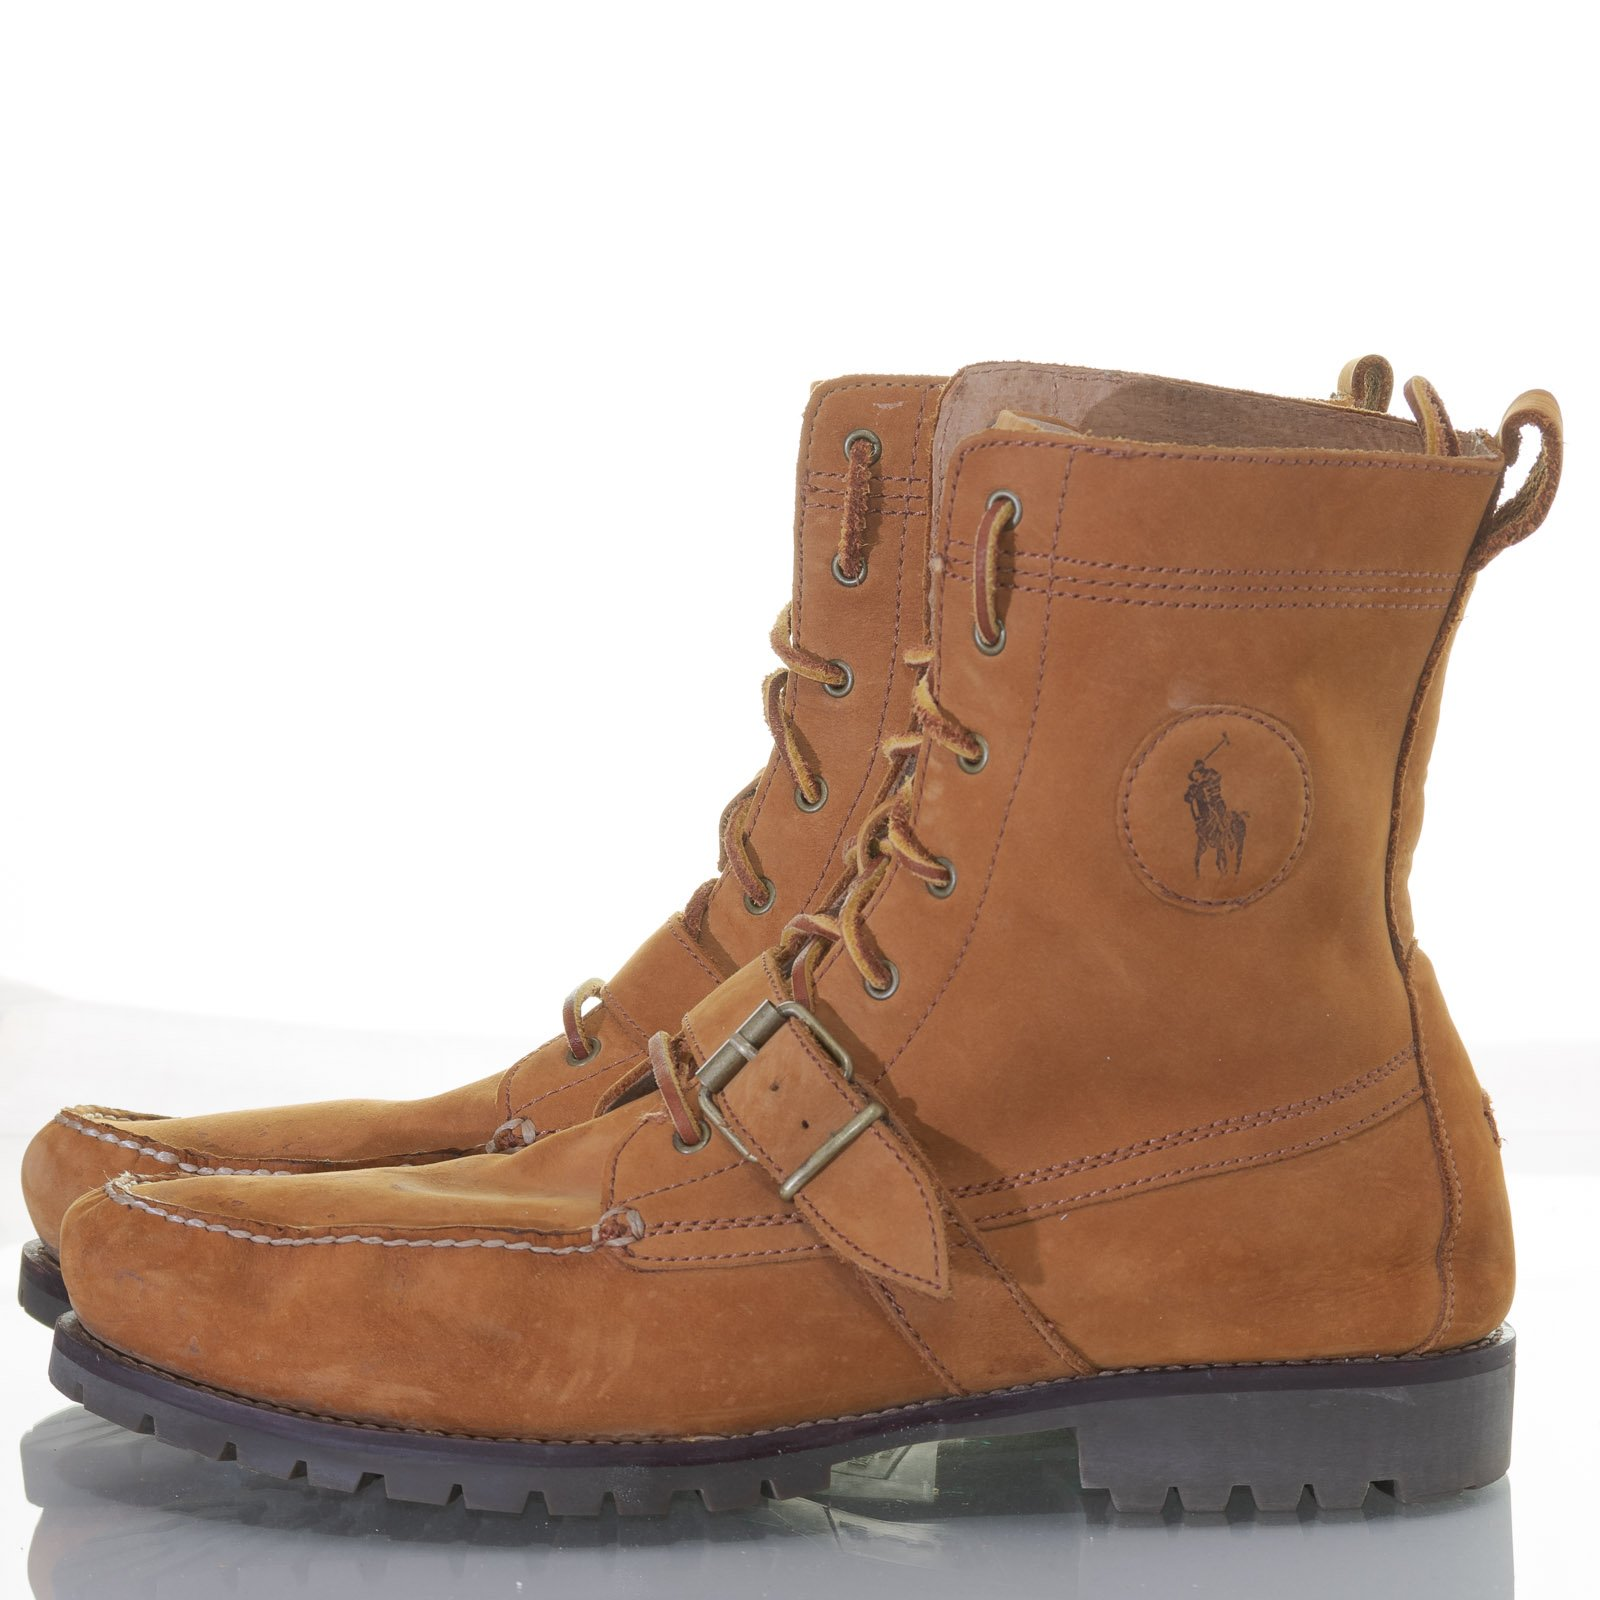 Polo Ralph Lauren Men's Ranger Boots Sz